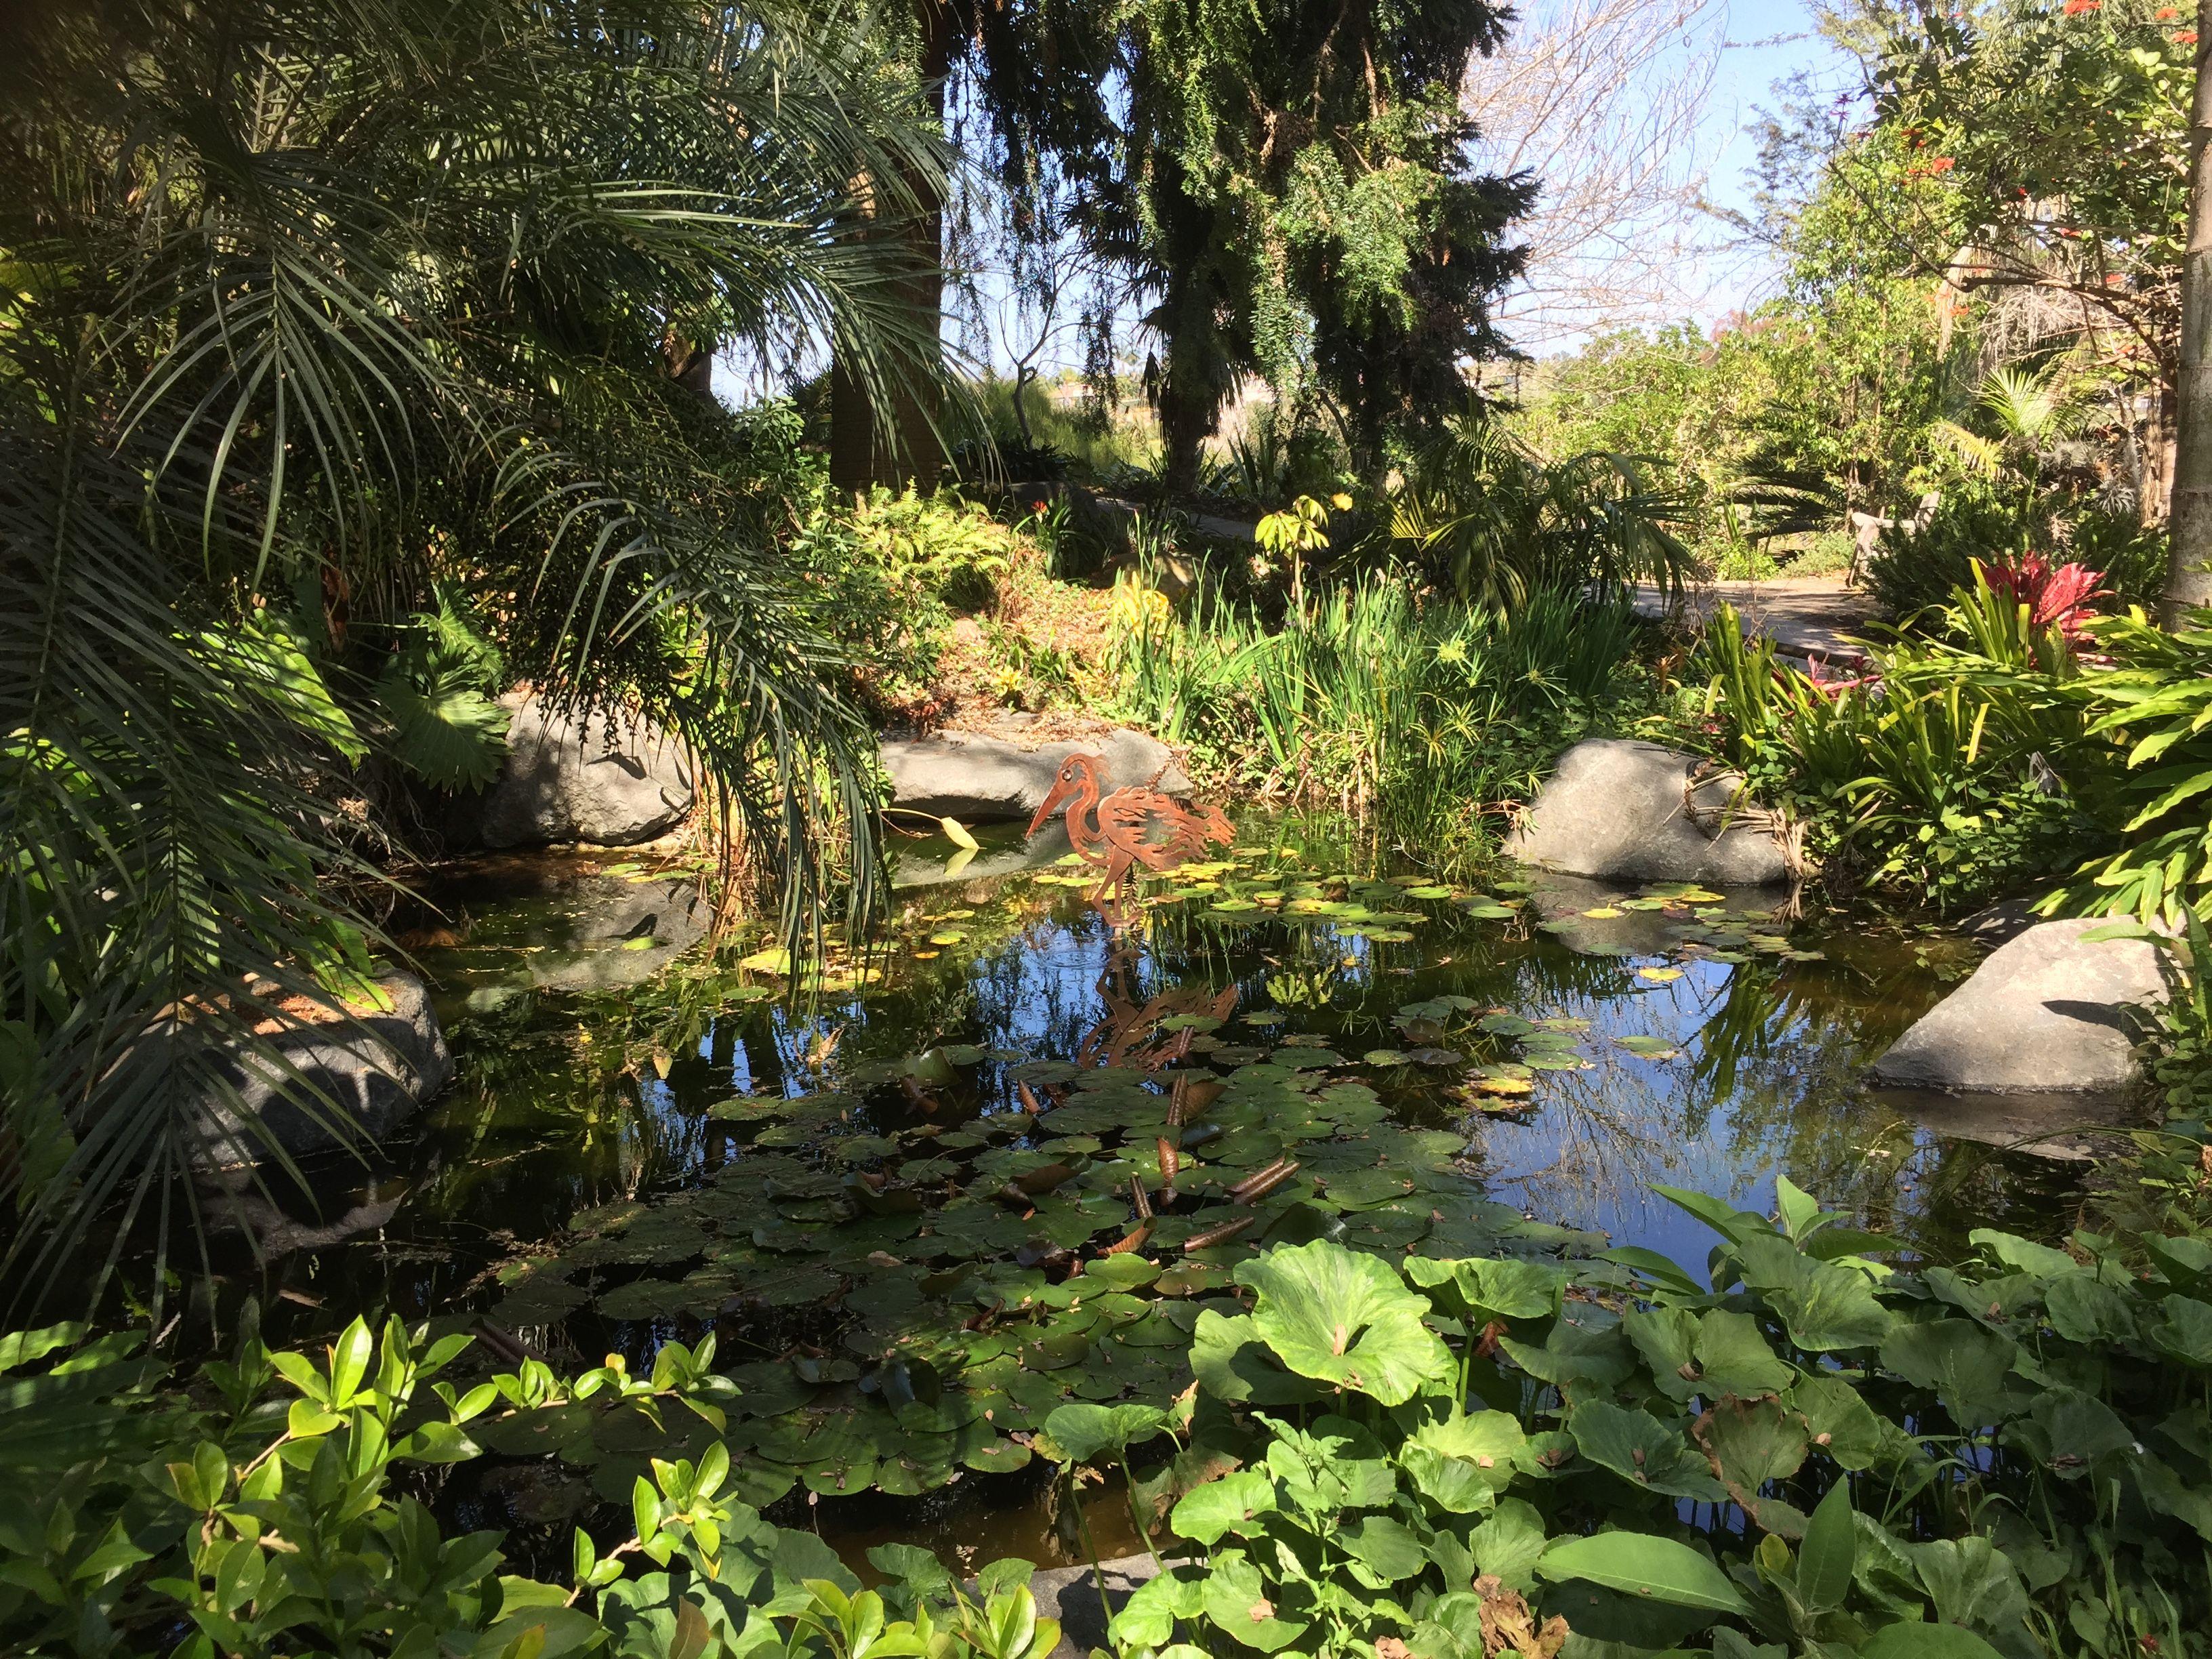 8fab39386fff7eab7743ba68ba0a731c - San Diego Botanical Gardens Free Tuesday